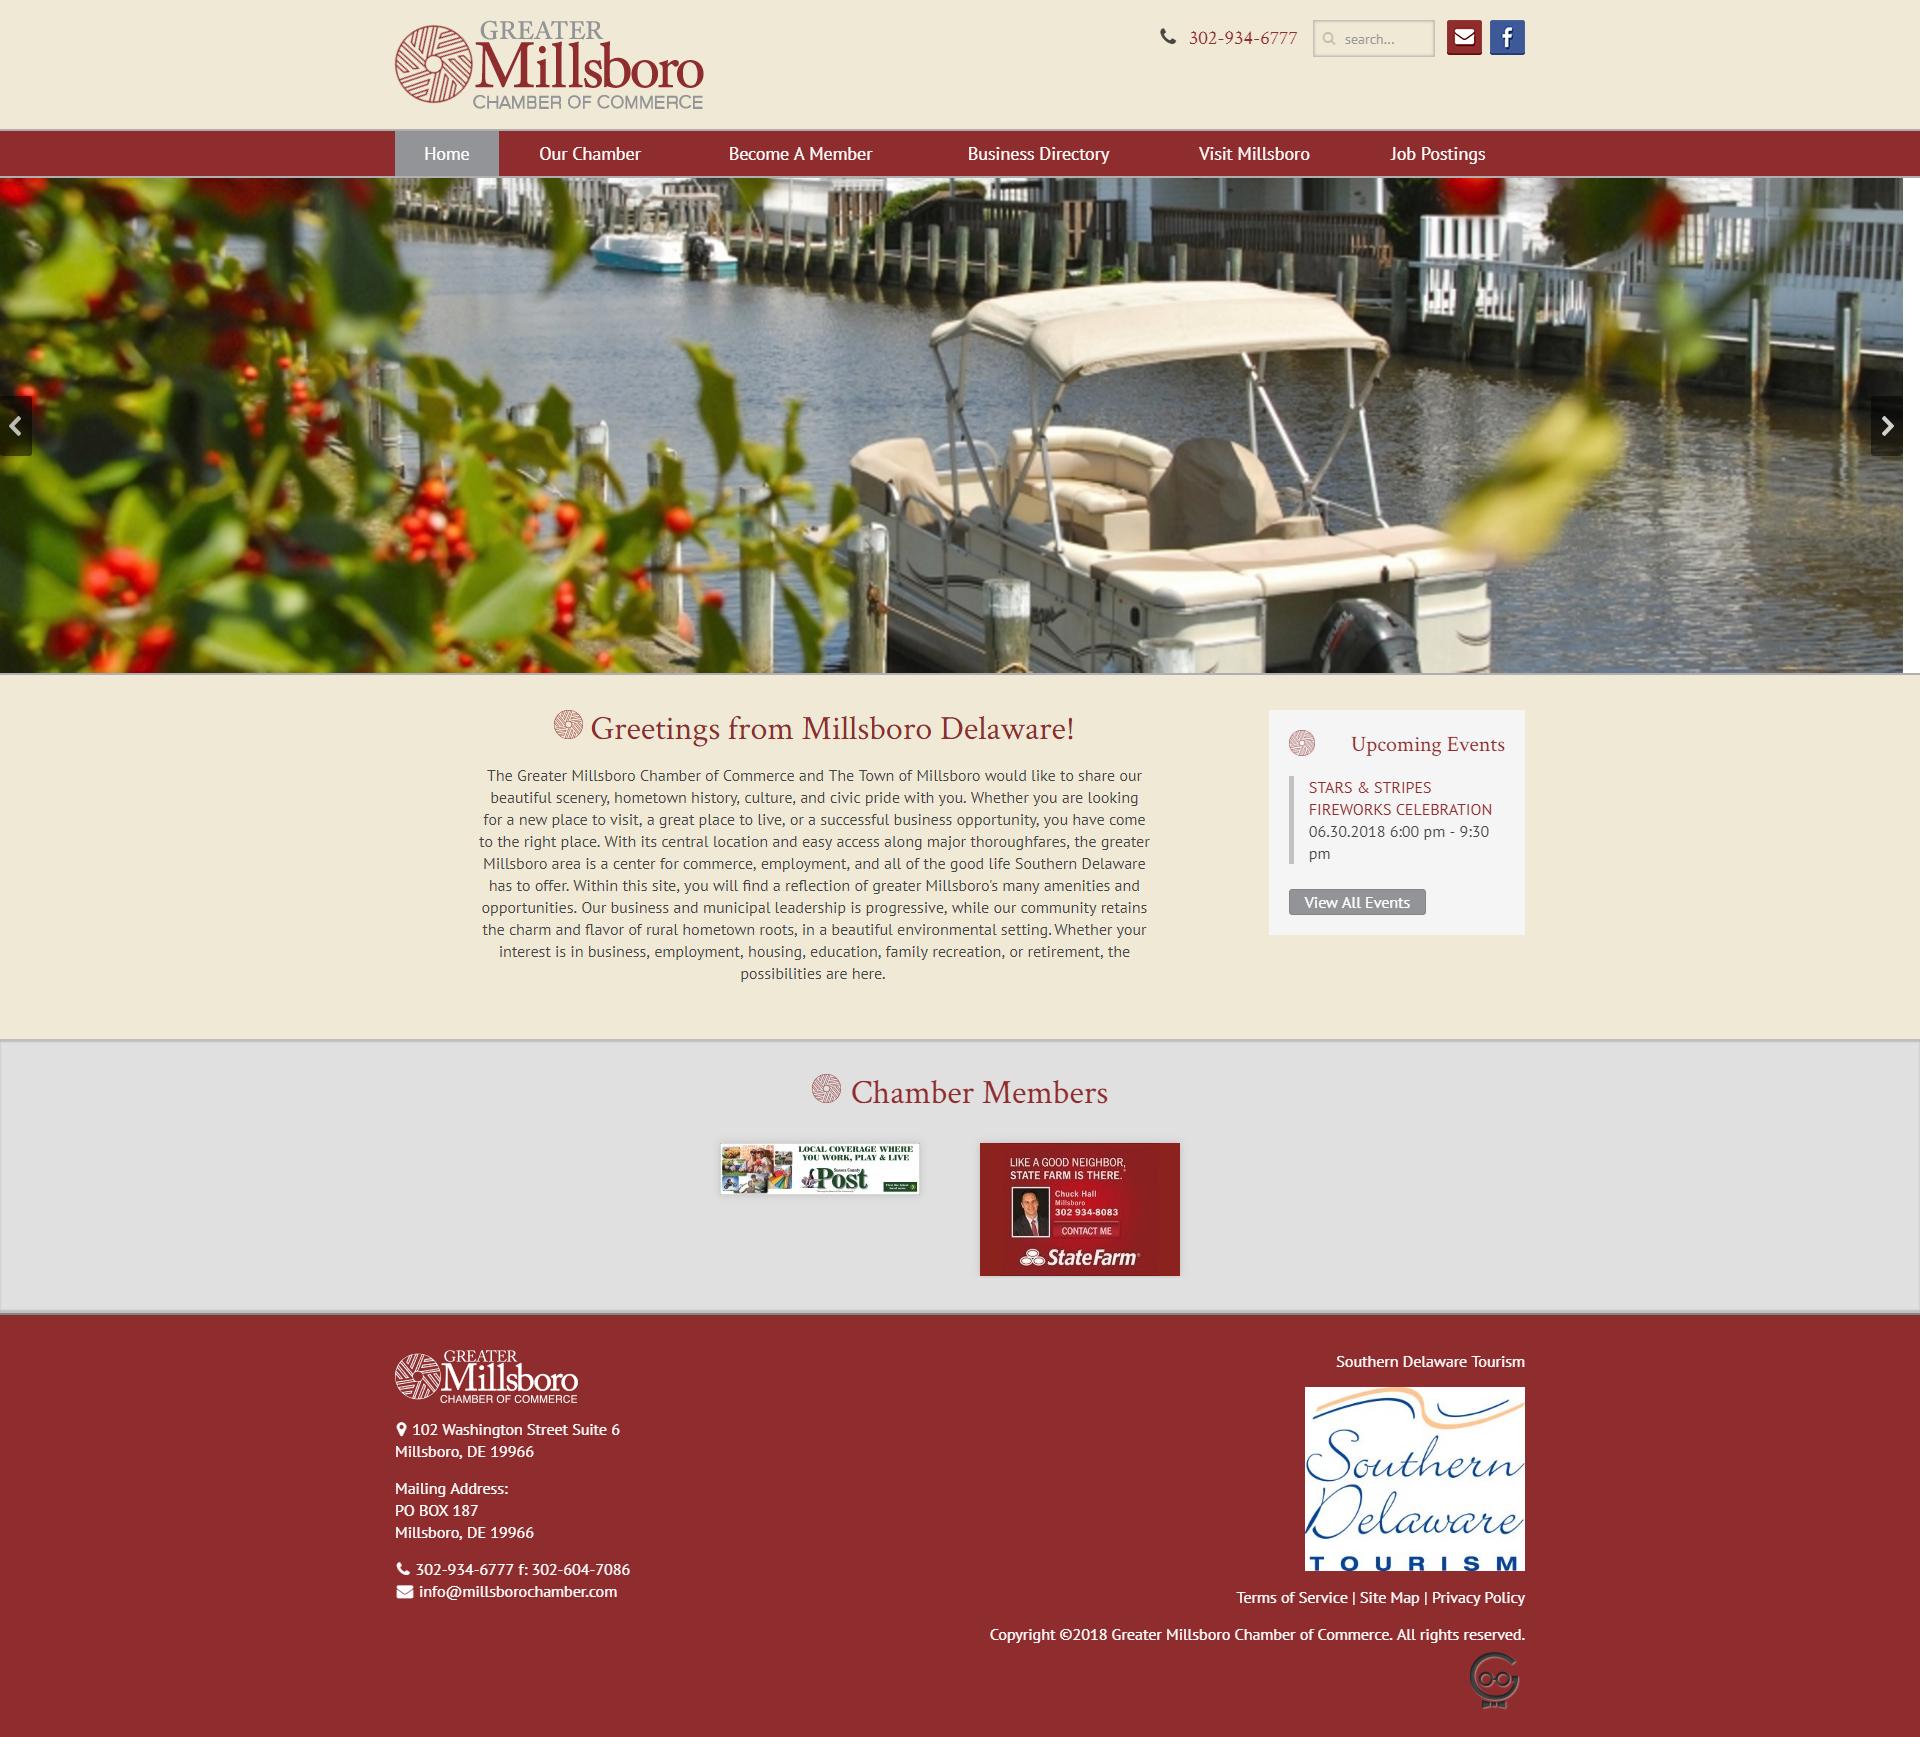 Millsboro Chamber of Commerce